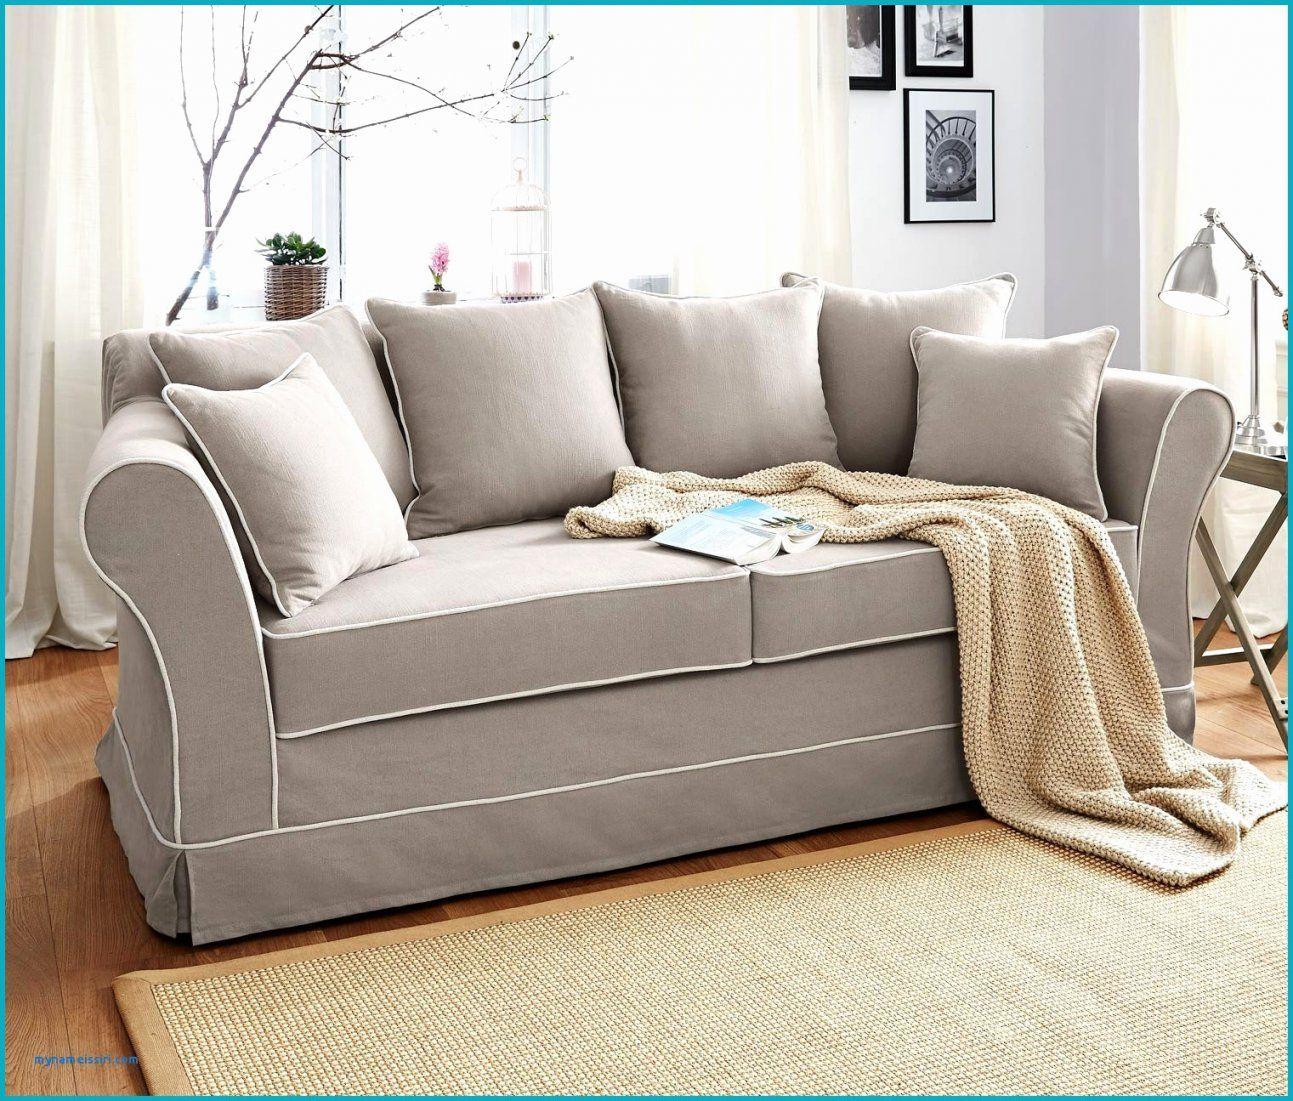 Couch Auf Raten Trotz Schufa Frisch Sofa Auf Raten Bc8 Von Design von Sofa Auf Raten Kaufen Trotz Schufa Bild